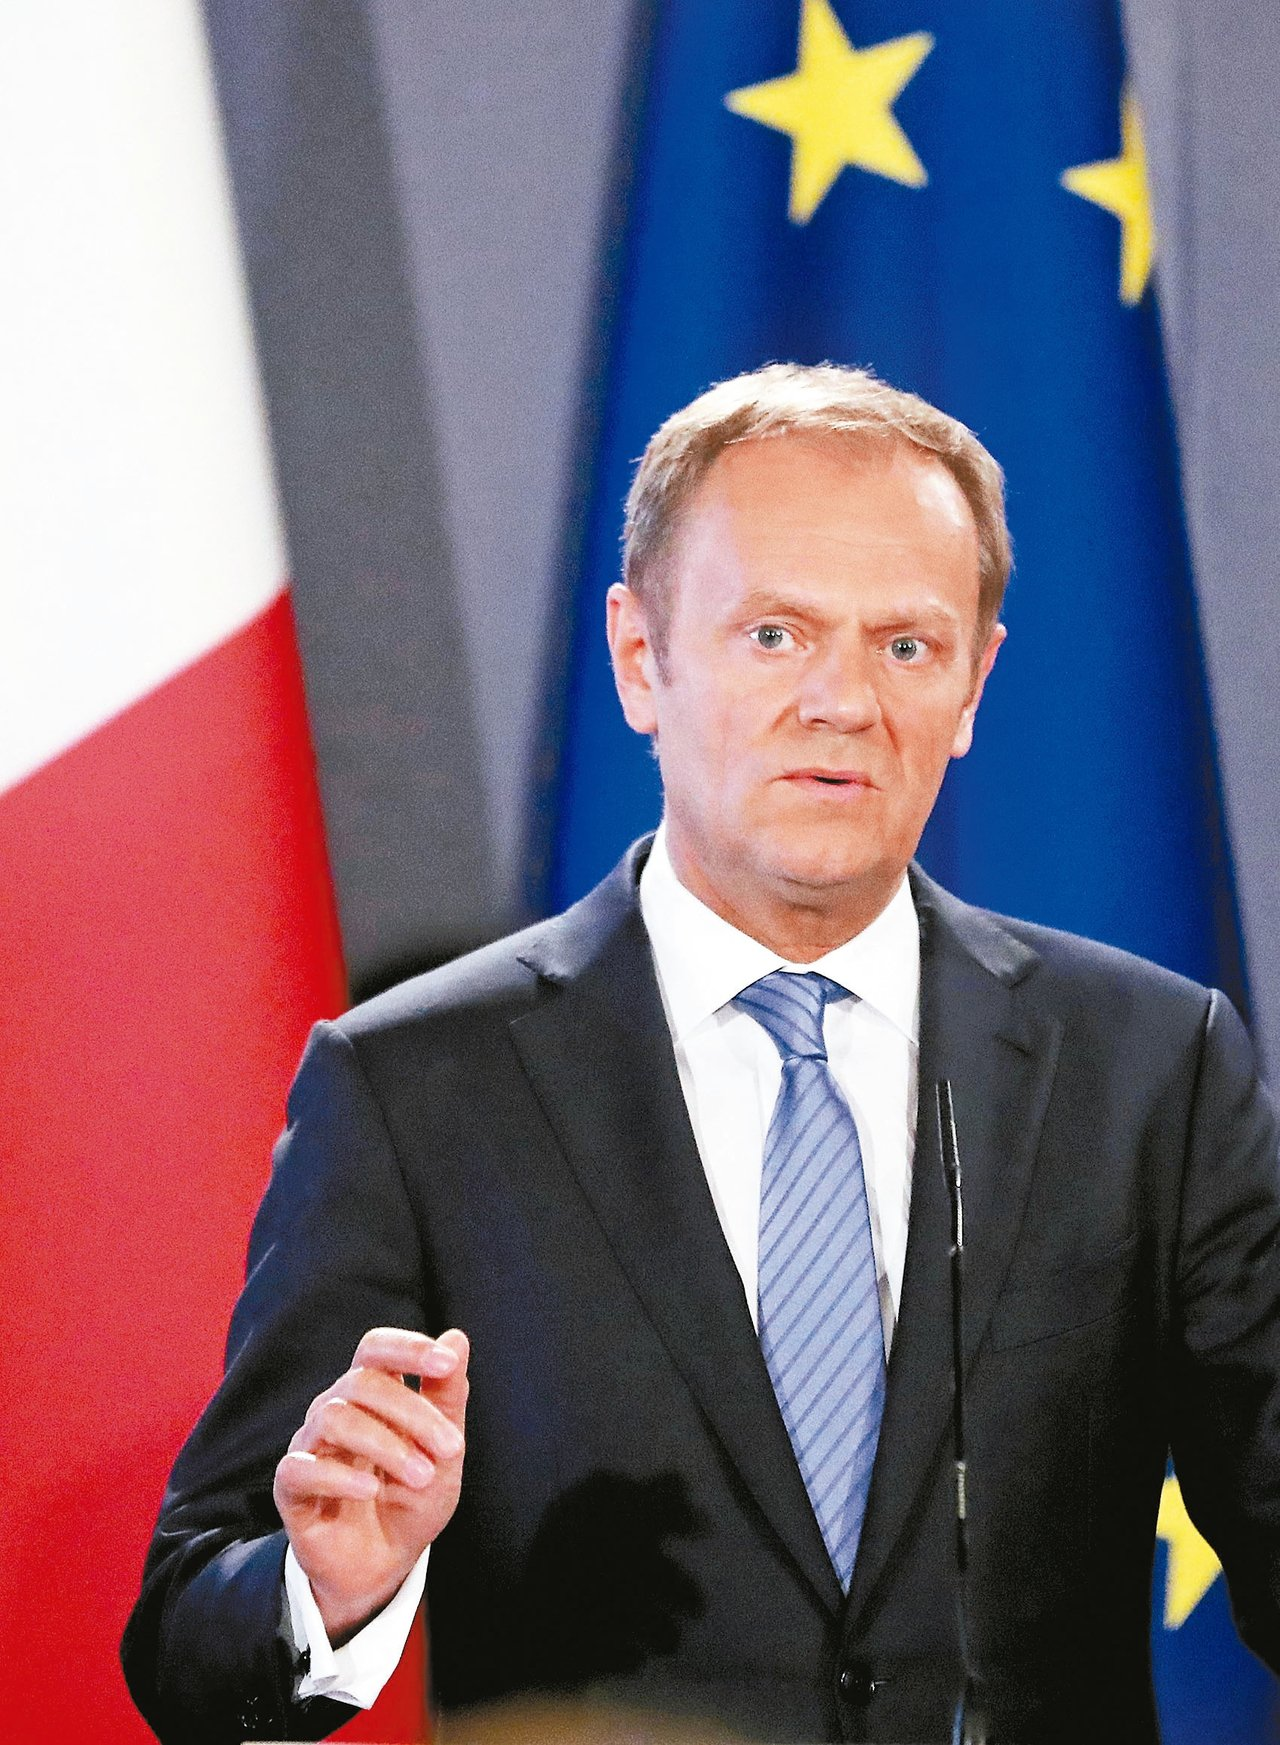 歐洲理事會主席圖斯克說明歐盟與英國談判的草案。 歐新社